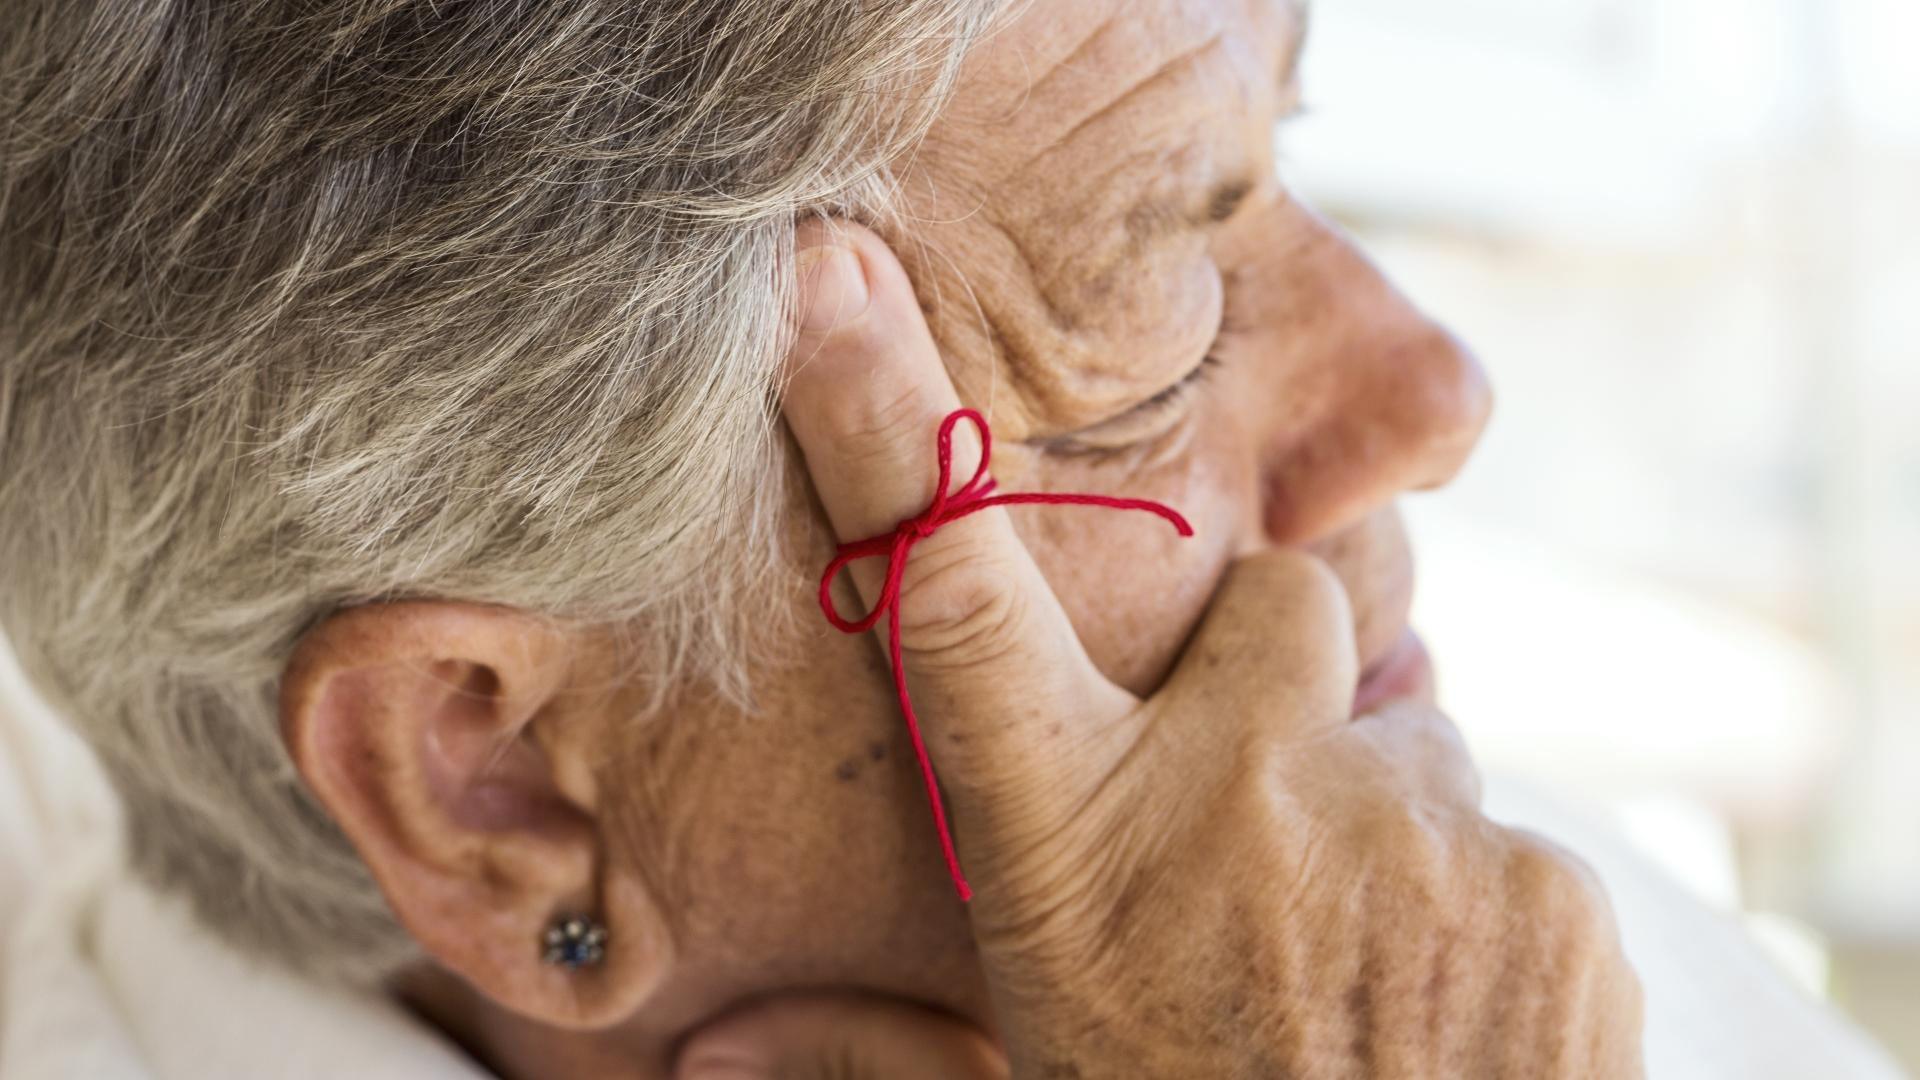 Борьба с «Альцгеймером»: снова провал